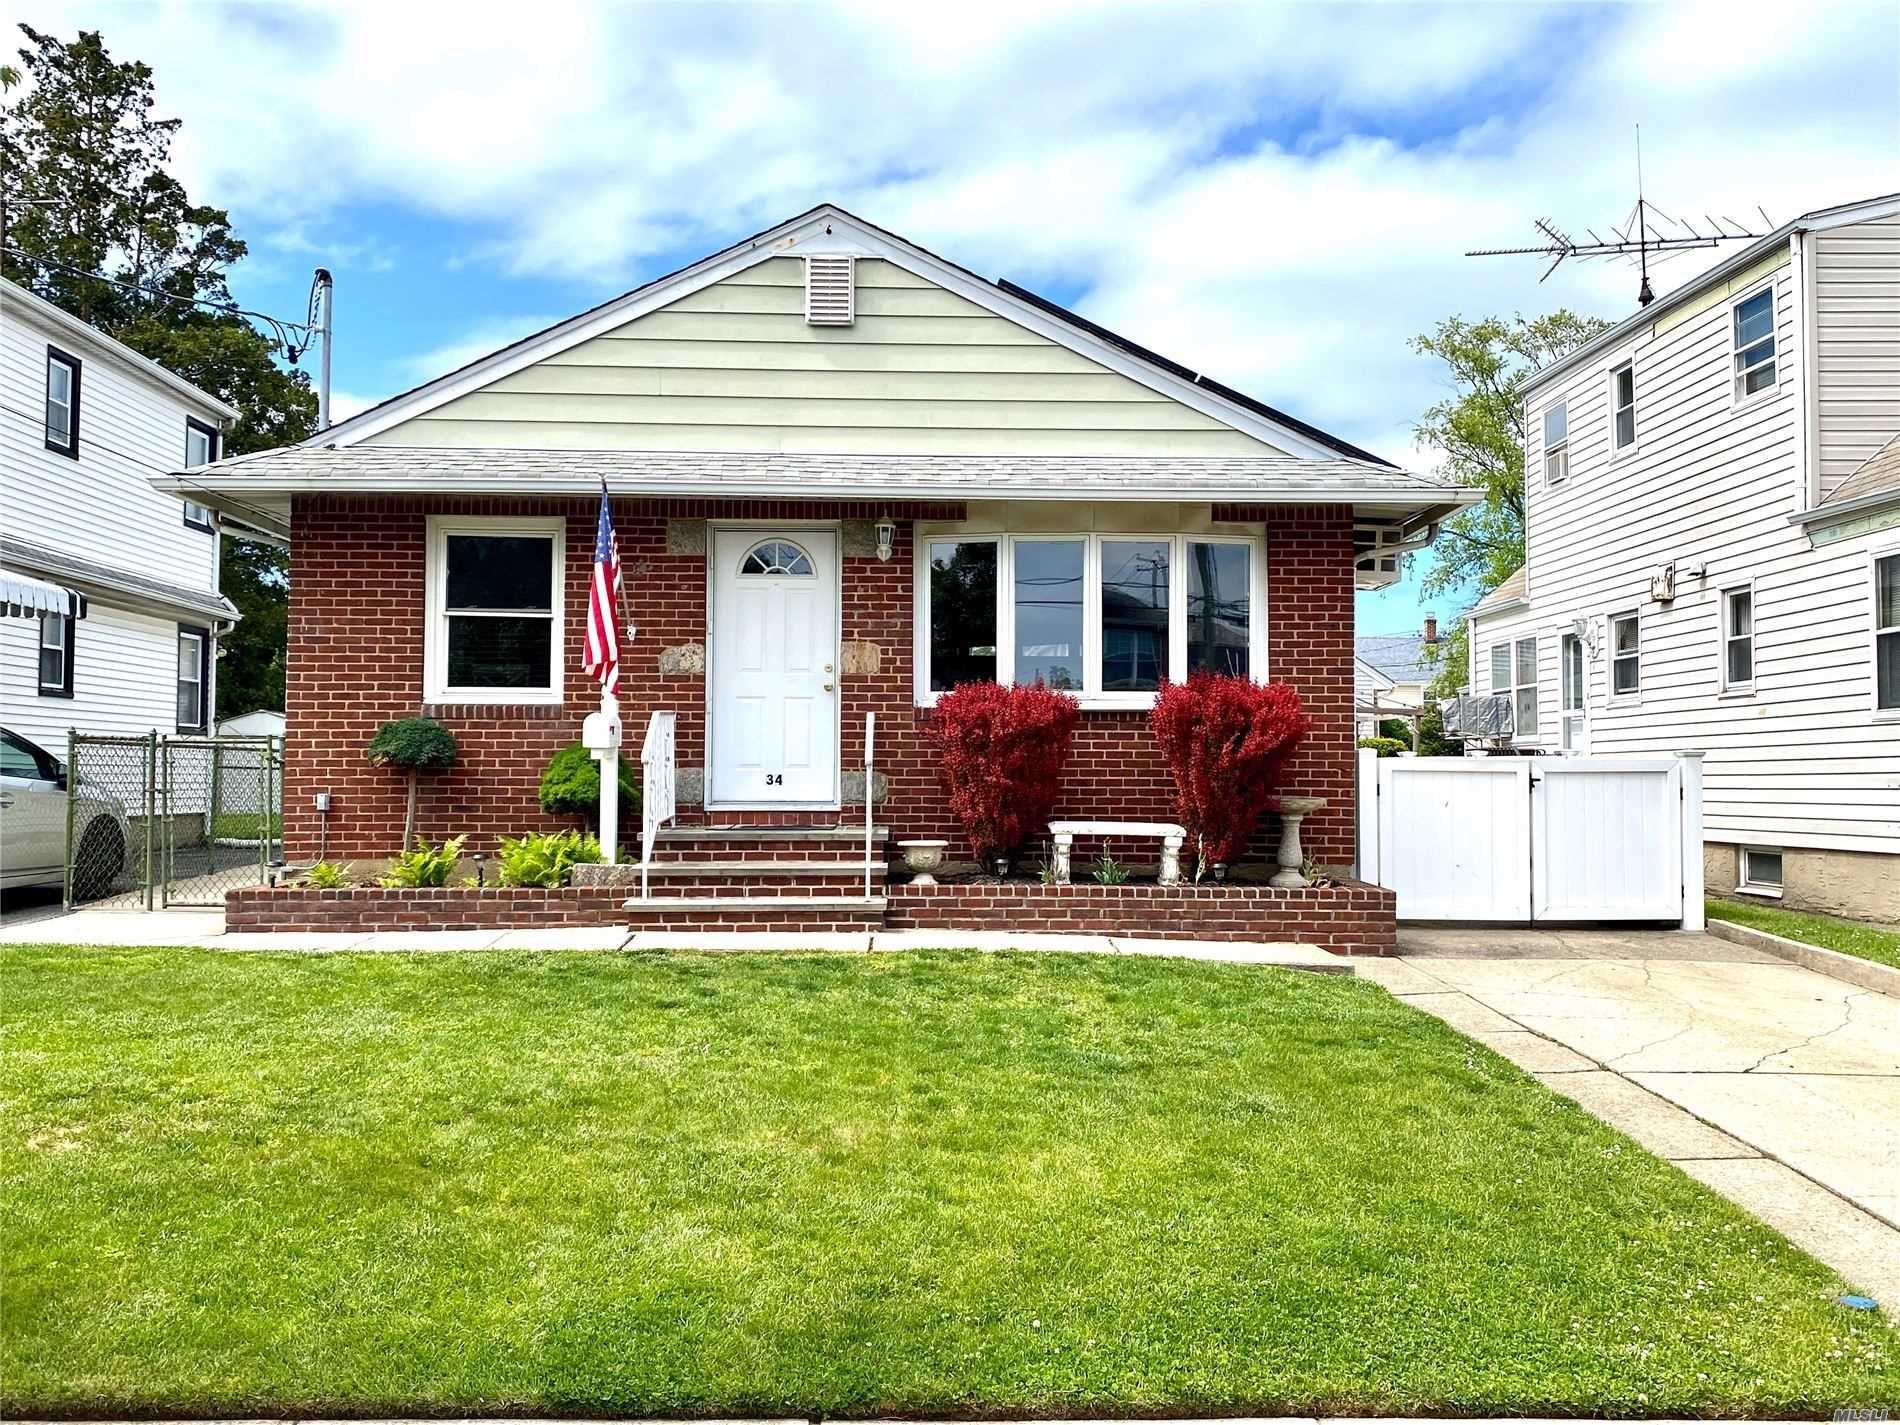 34 Colonial, Mineola, NY 11501 - MLS#: 3217500